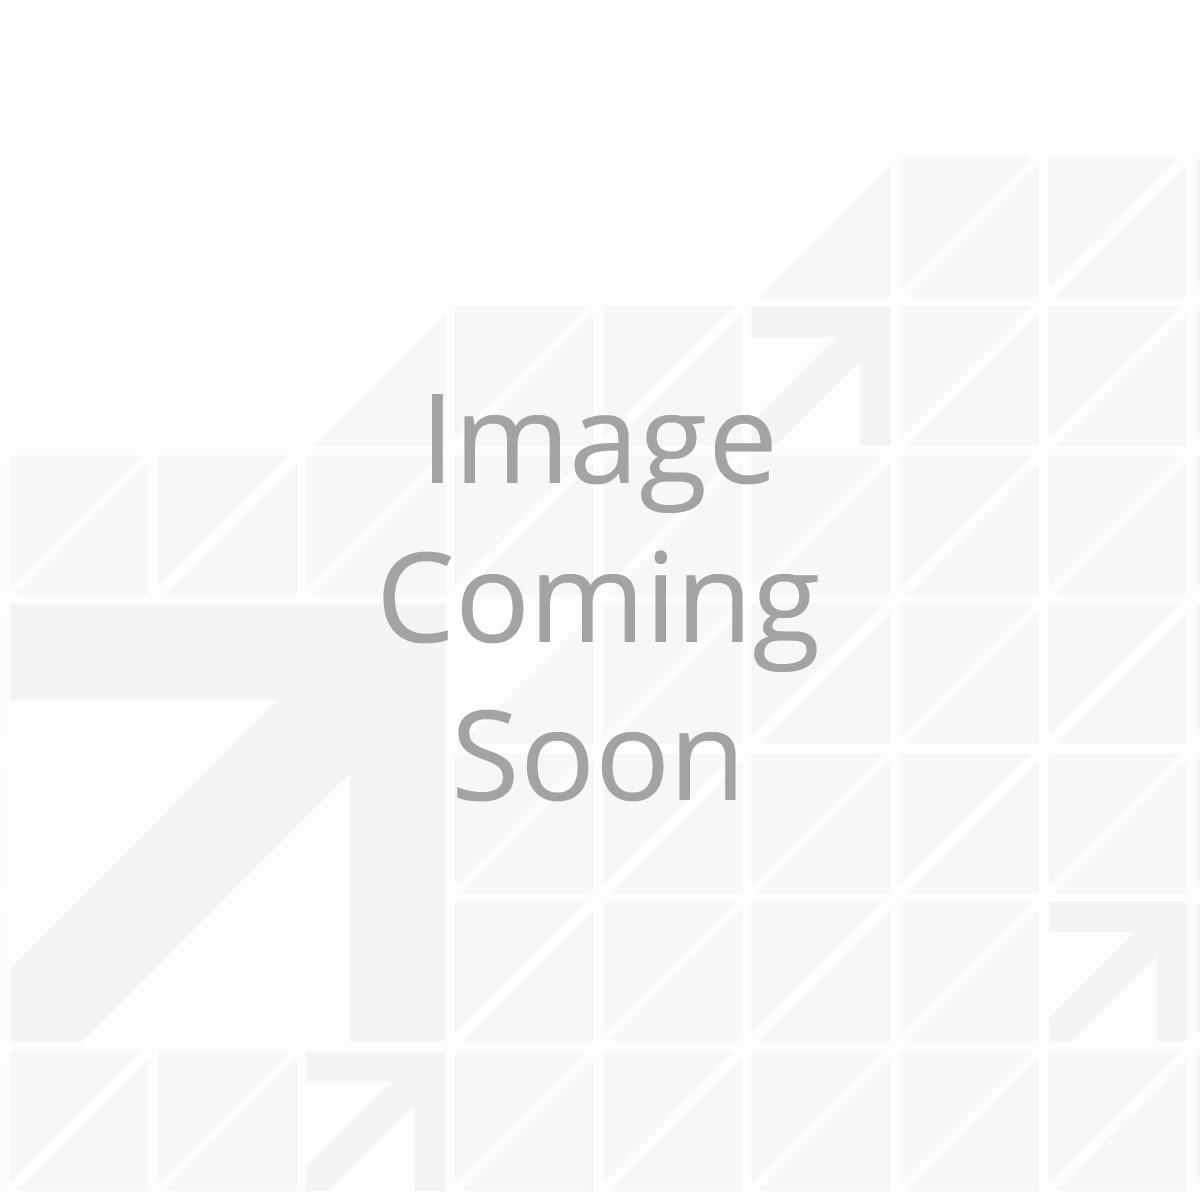 axle_146298